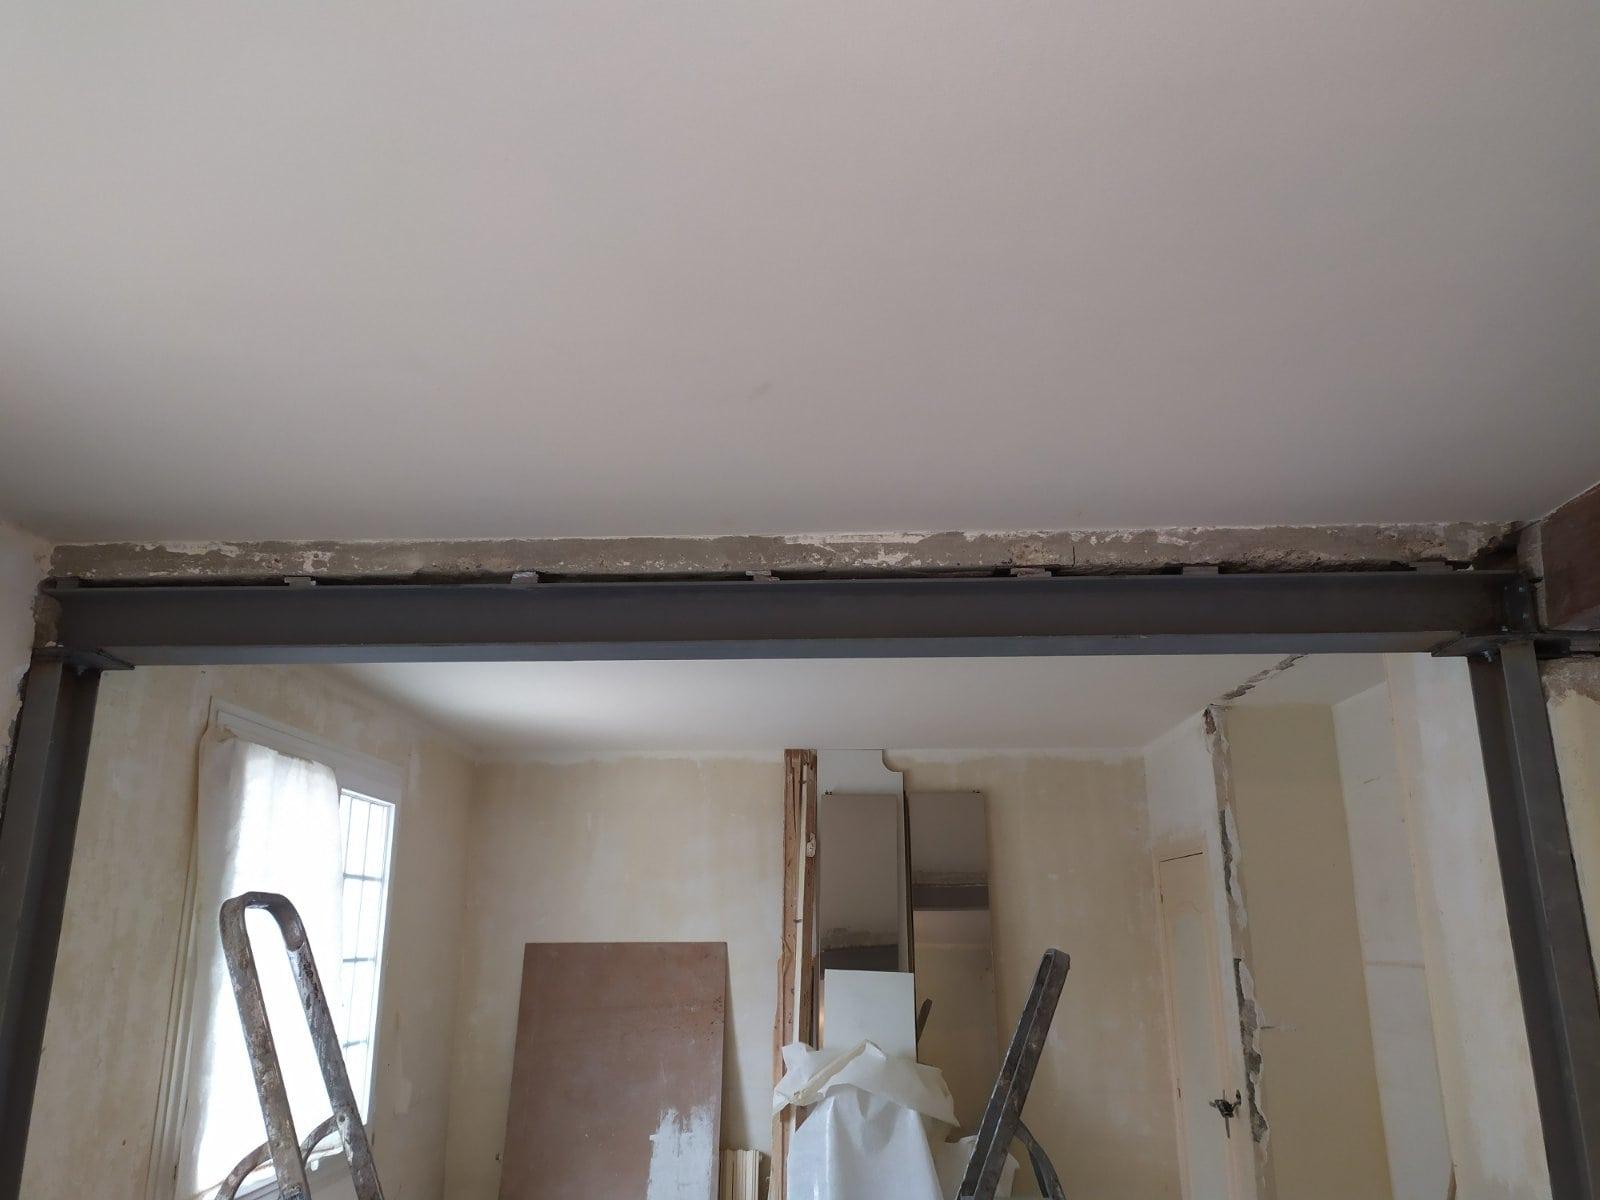 Murs porteurs - Création d'ouverture dans un mur porteur en parpaing à Nanterre. Renforcement par poteaux et poutre métallique. 4